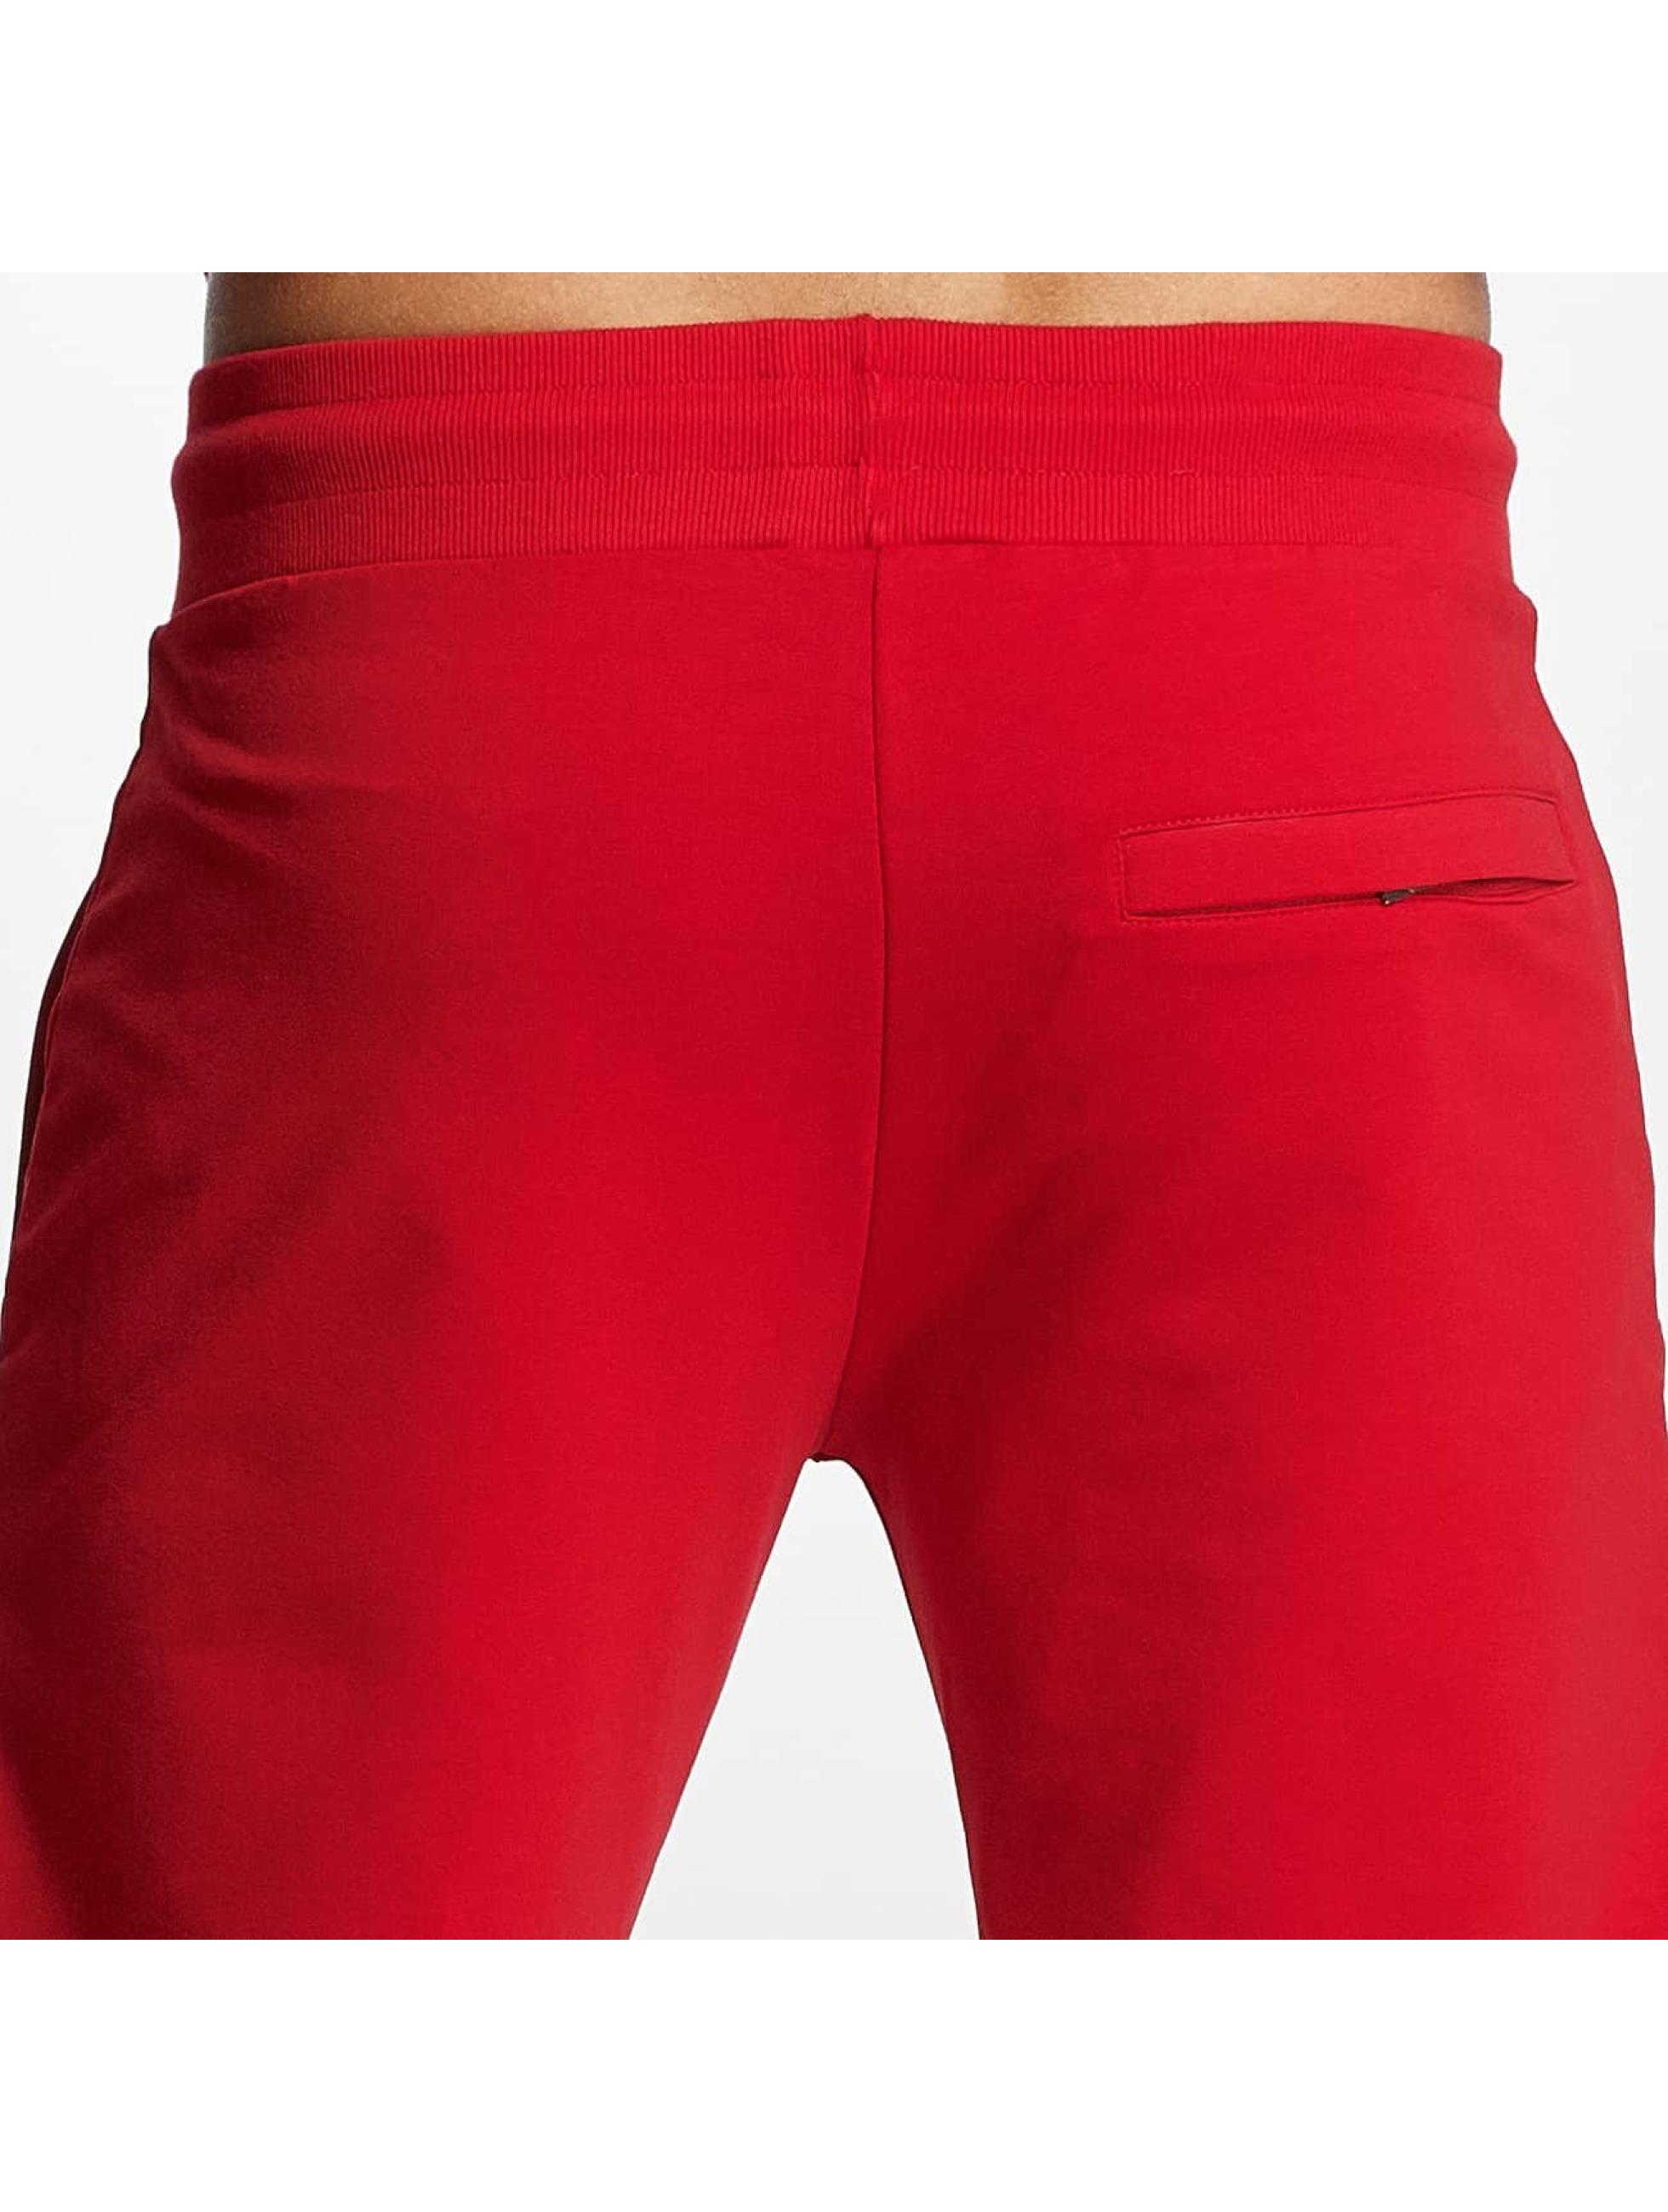 Pro Violence Streetwear Ensemble & Survêtement Cosy rouge